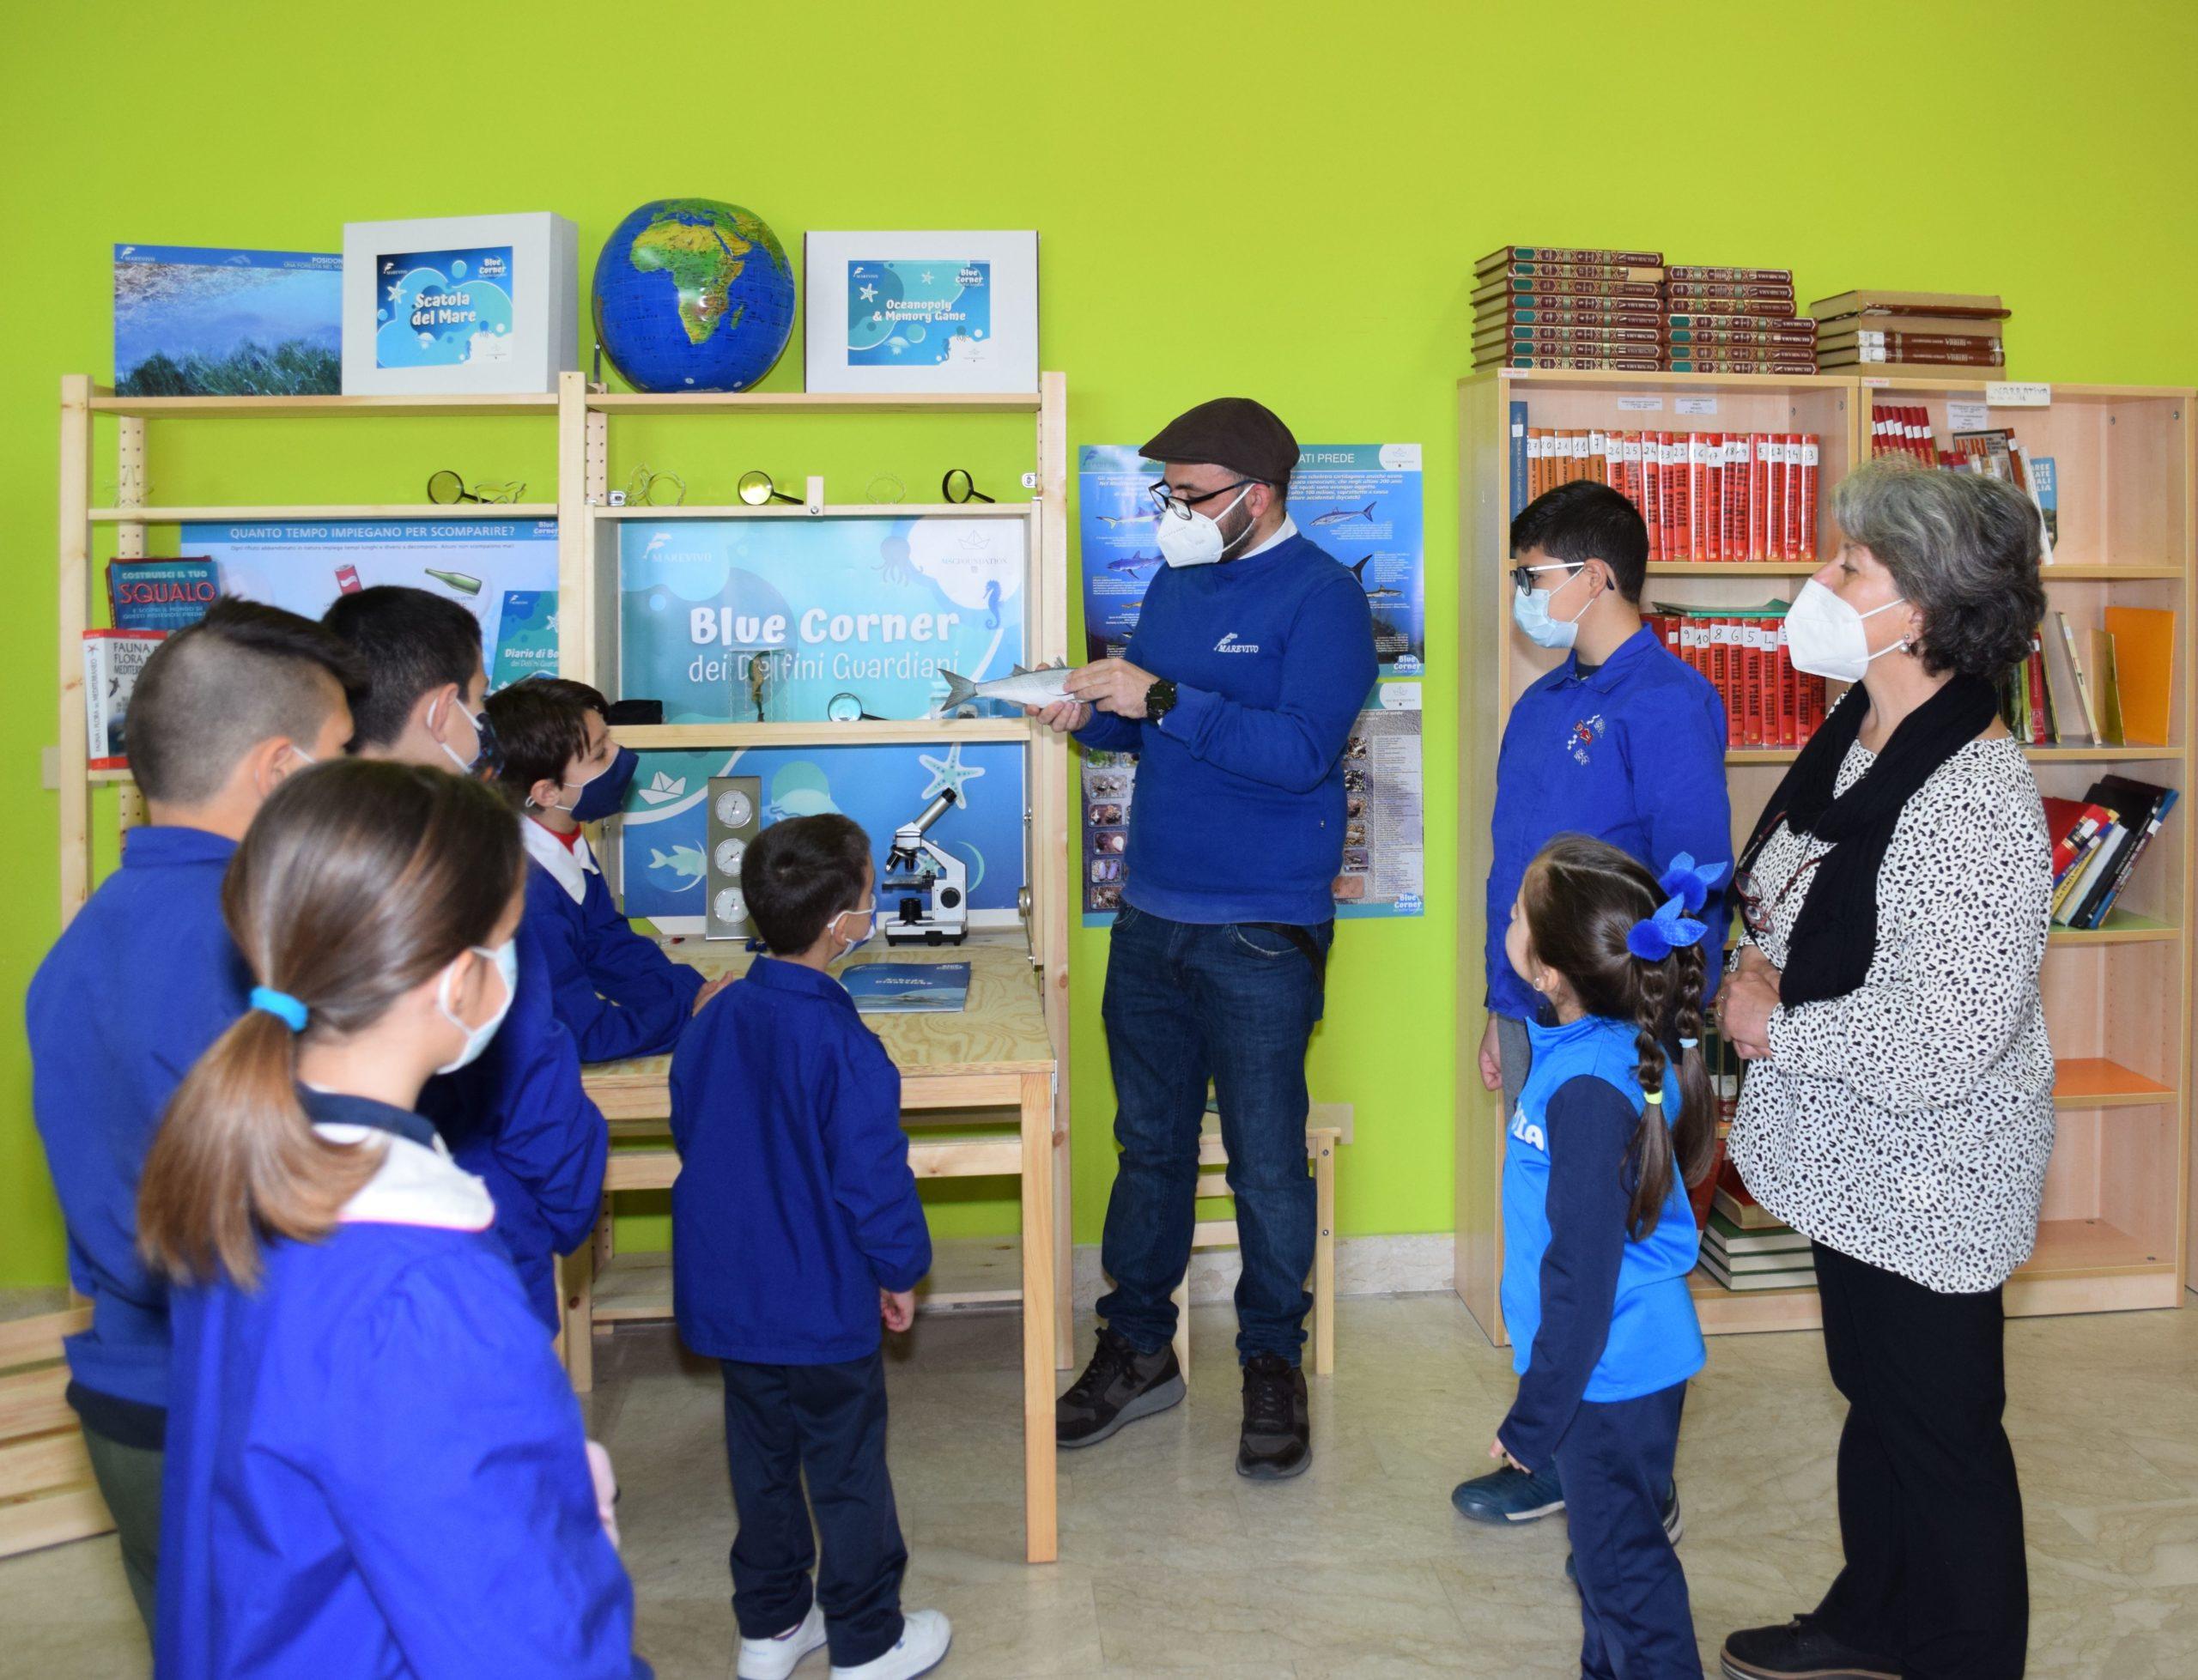 """Piccoli naturalisti crescono. In arrivo nelle scuole il """"Blue Corner dei Delfini Guardiani"""""""